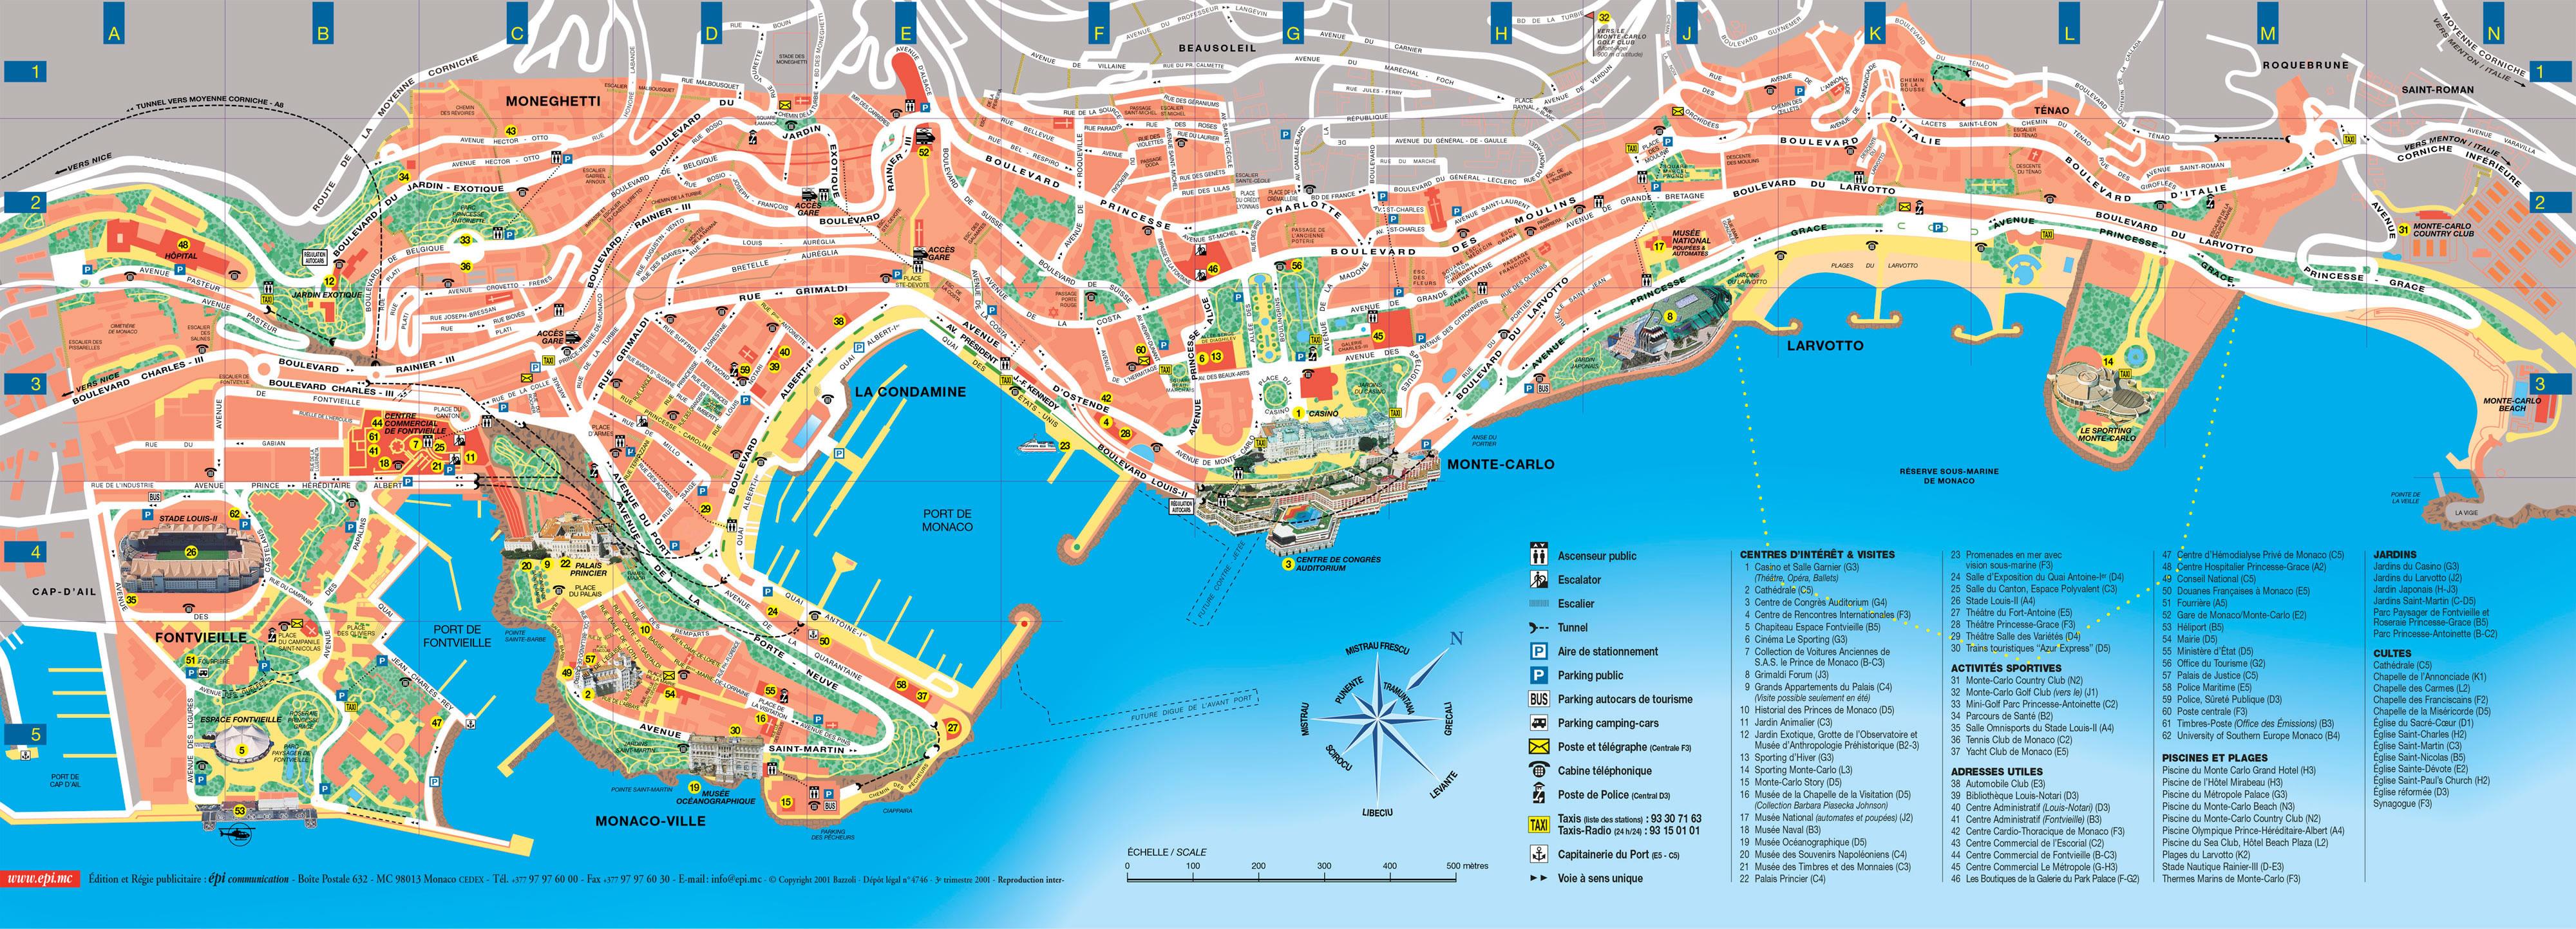 Monaco carte touristique - Office du tourisme la spezia ...